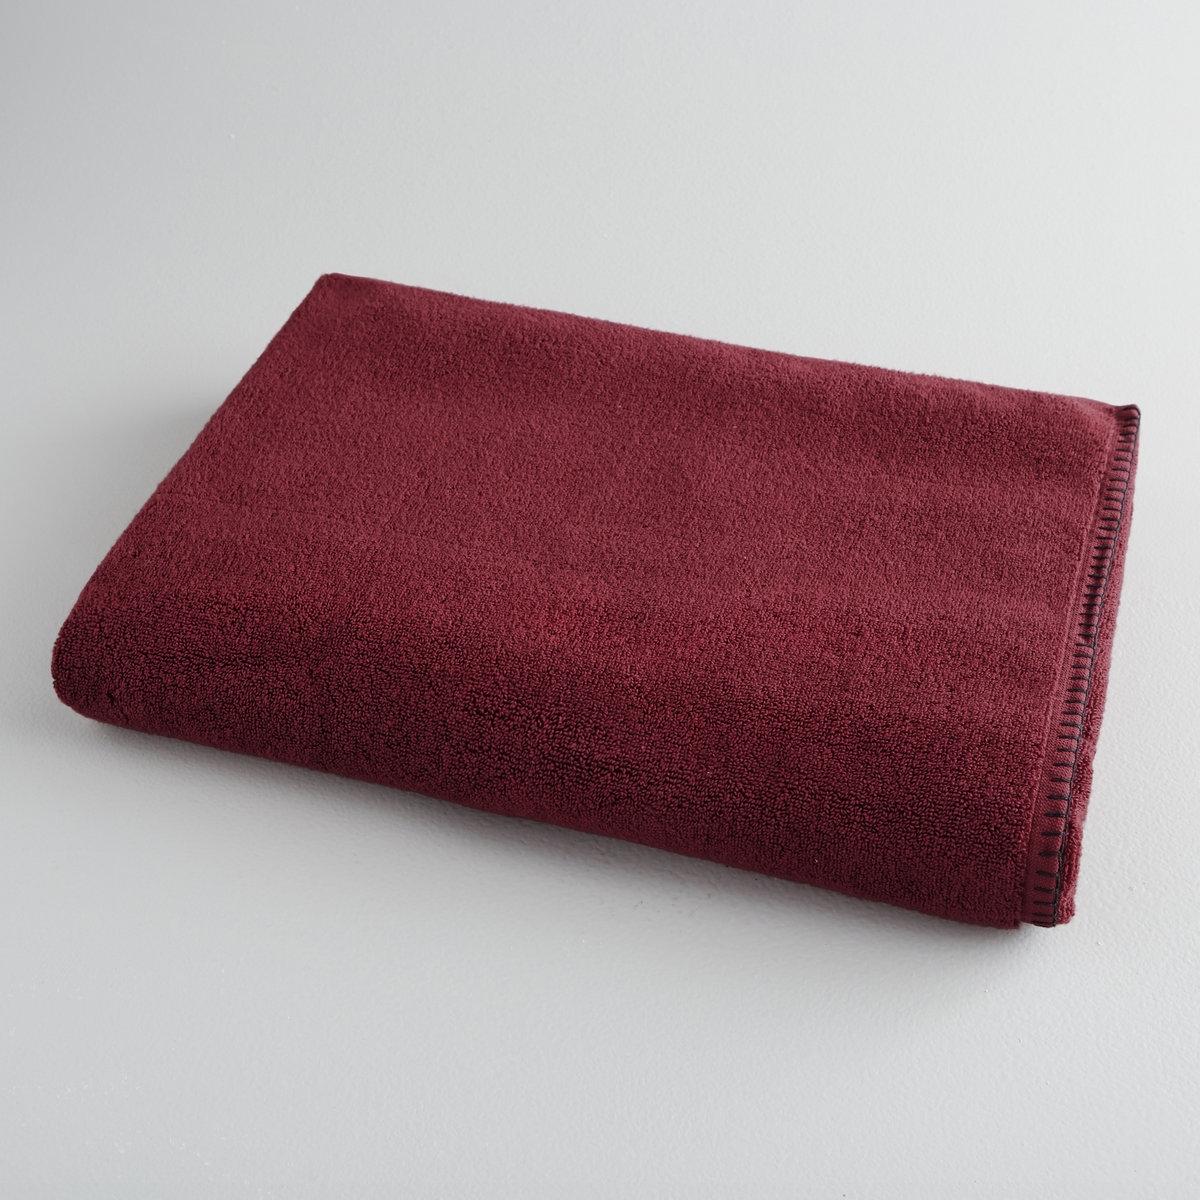 Купить со скидкой Полотенце большое банное Kyla